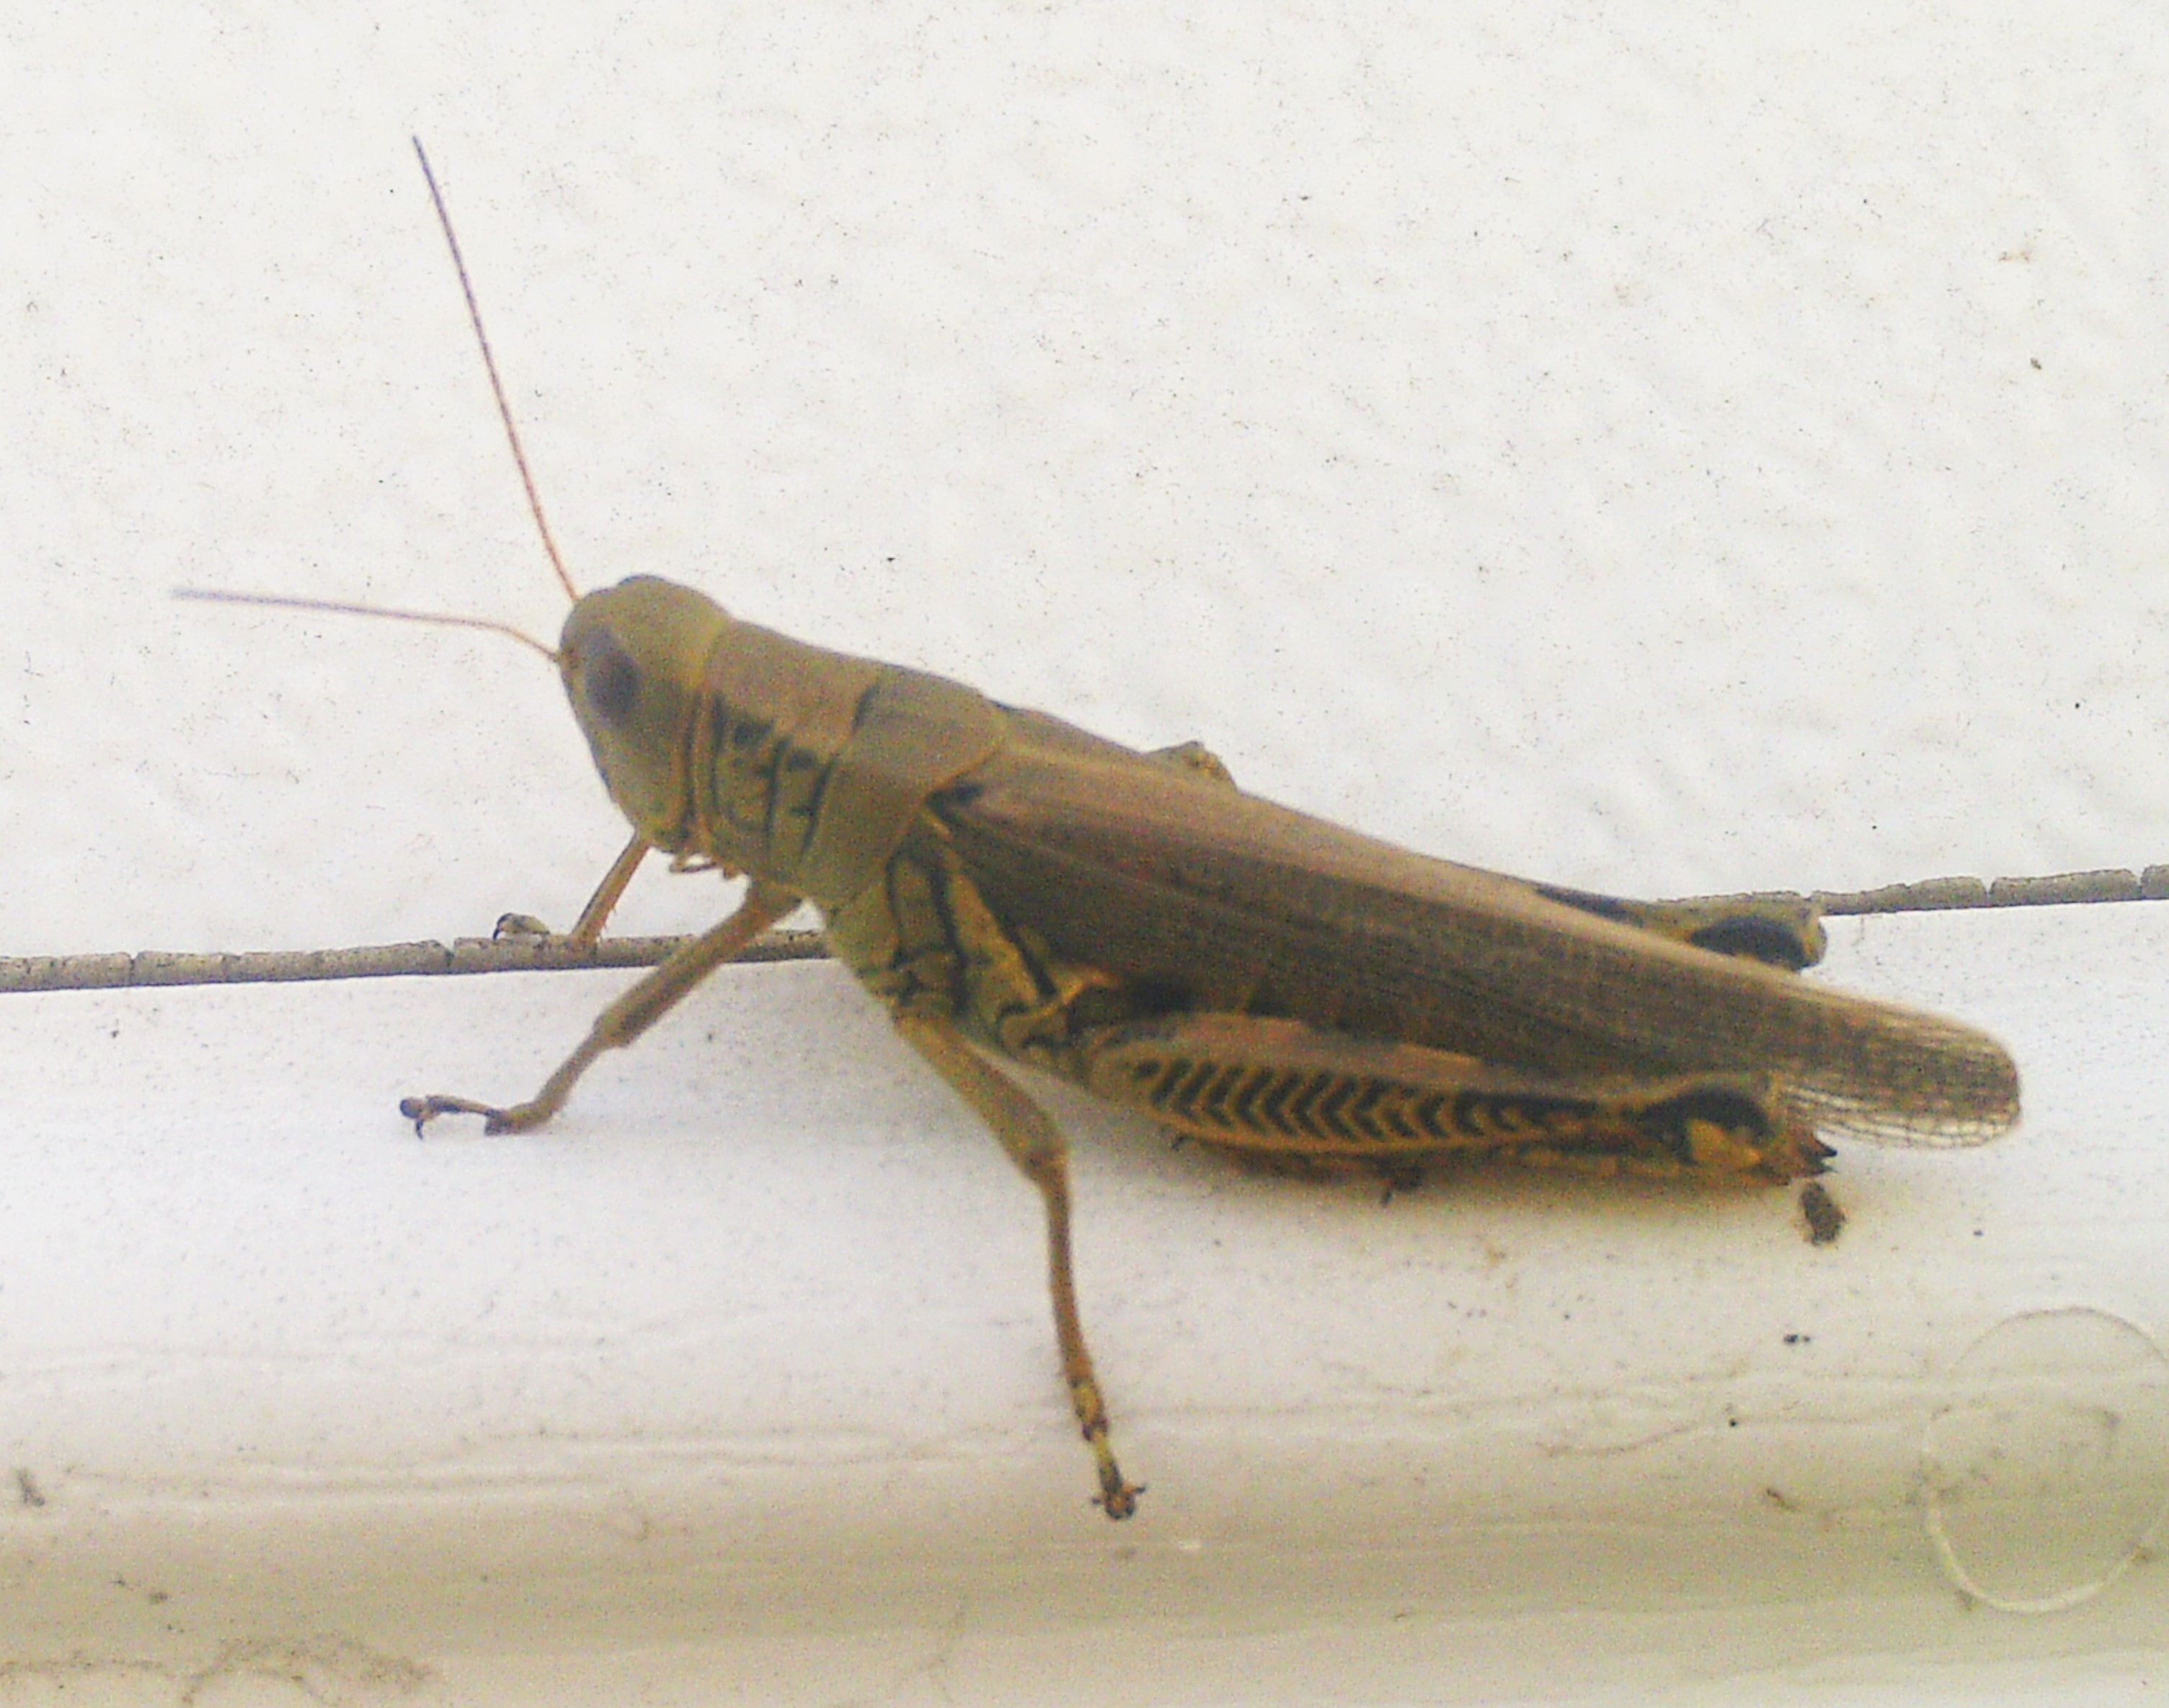 Huge Cricket or Locust